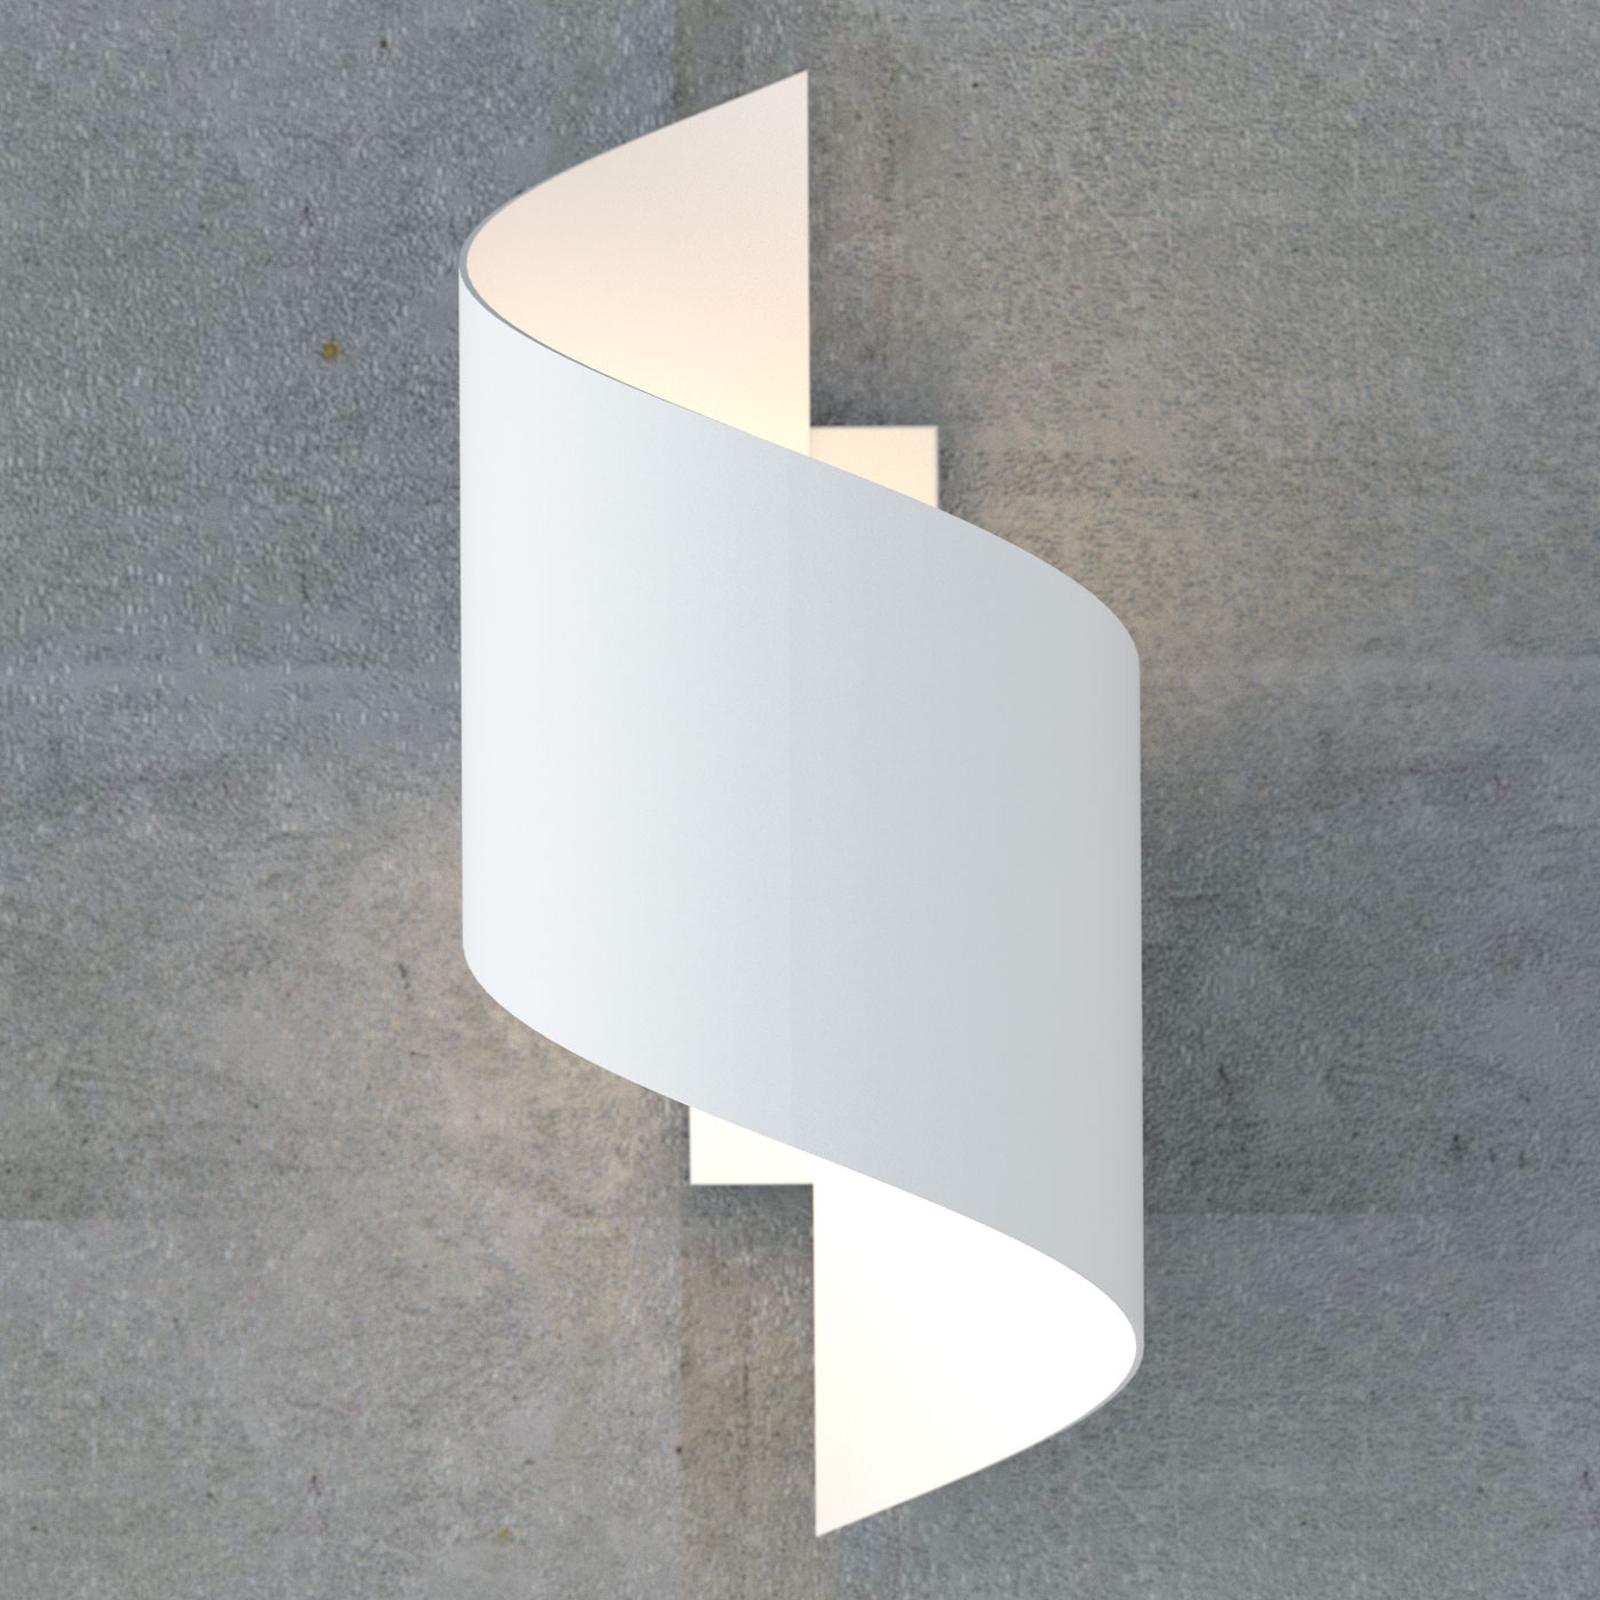 Wandlampe Spiner in Spiralform aus Stahl, weiß